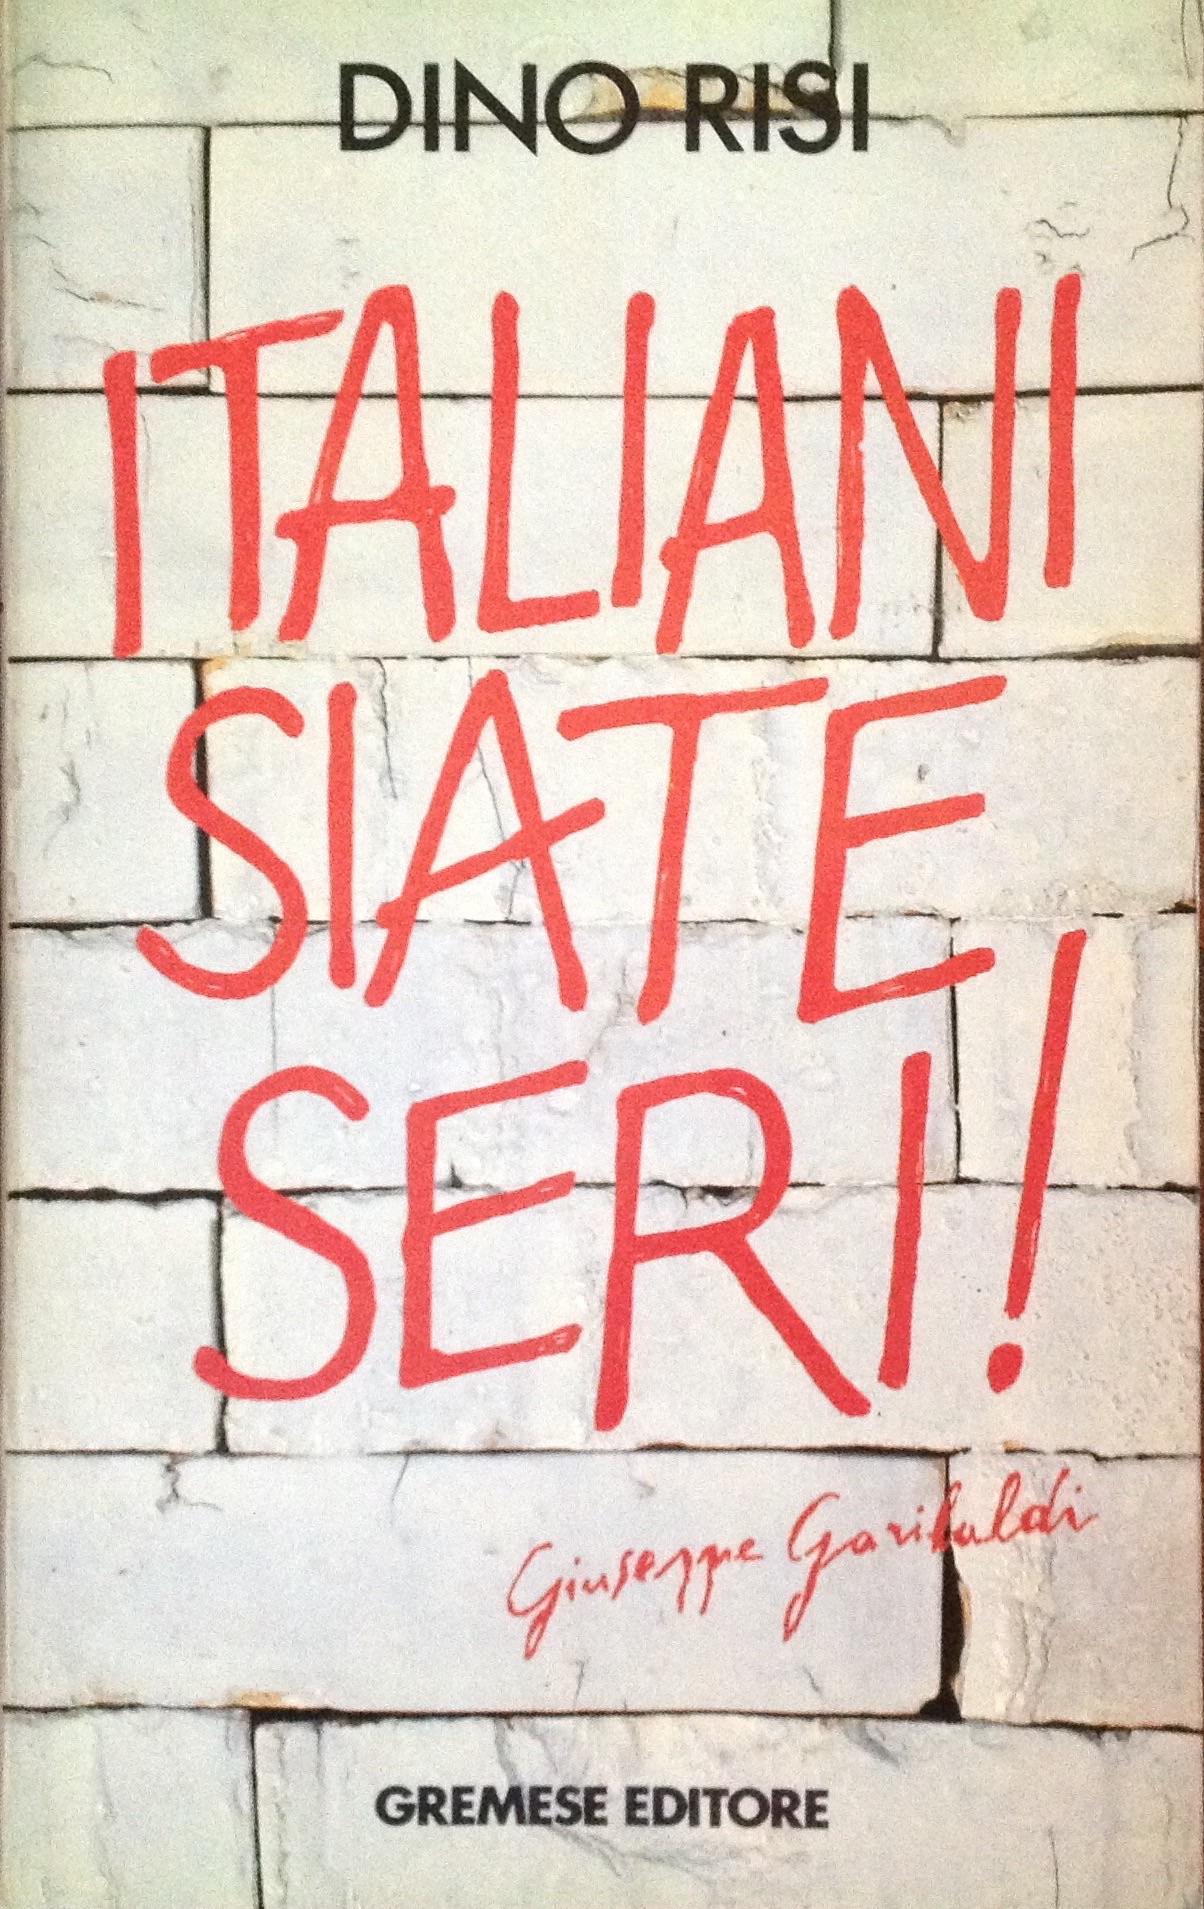 Italiani siate seri!